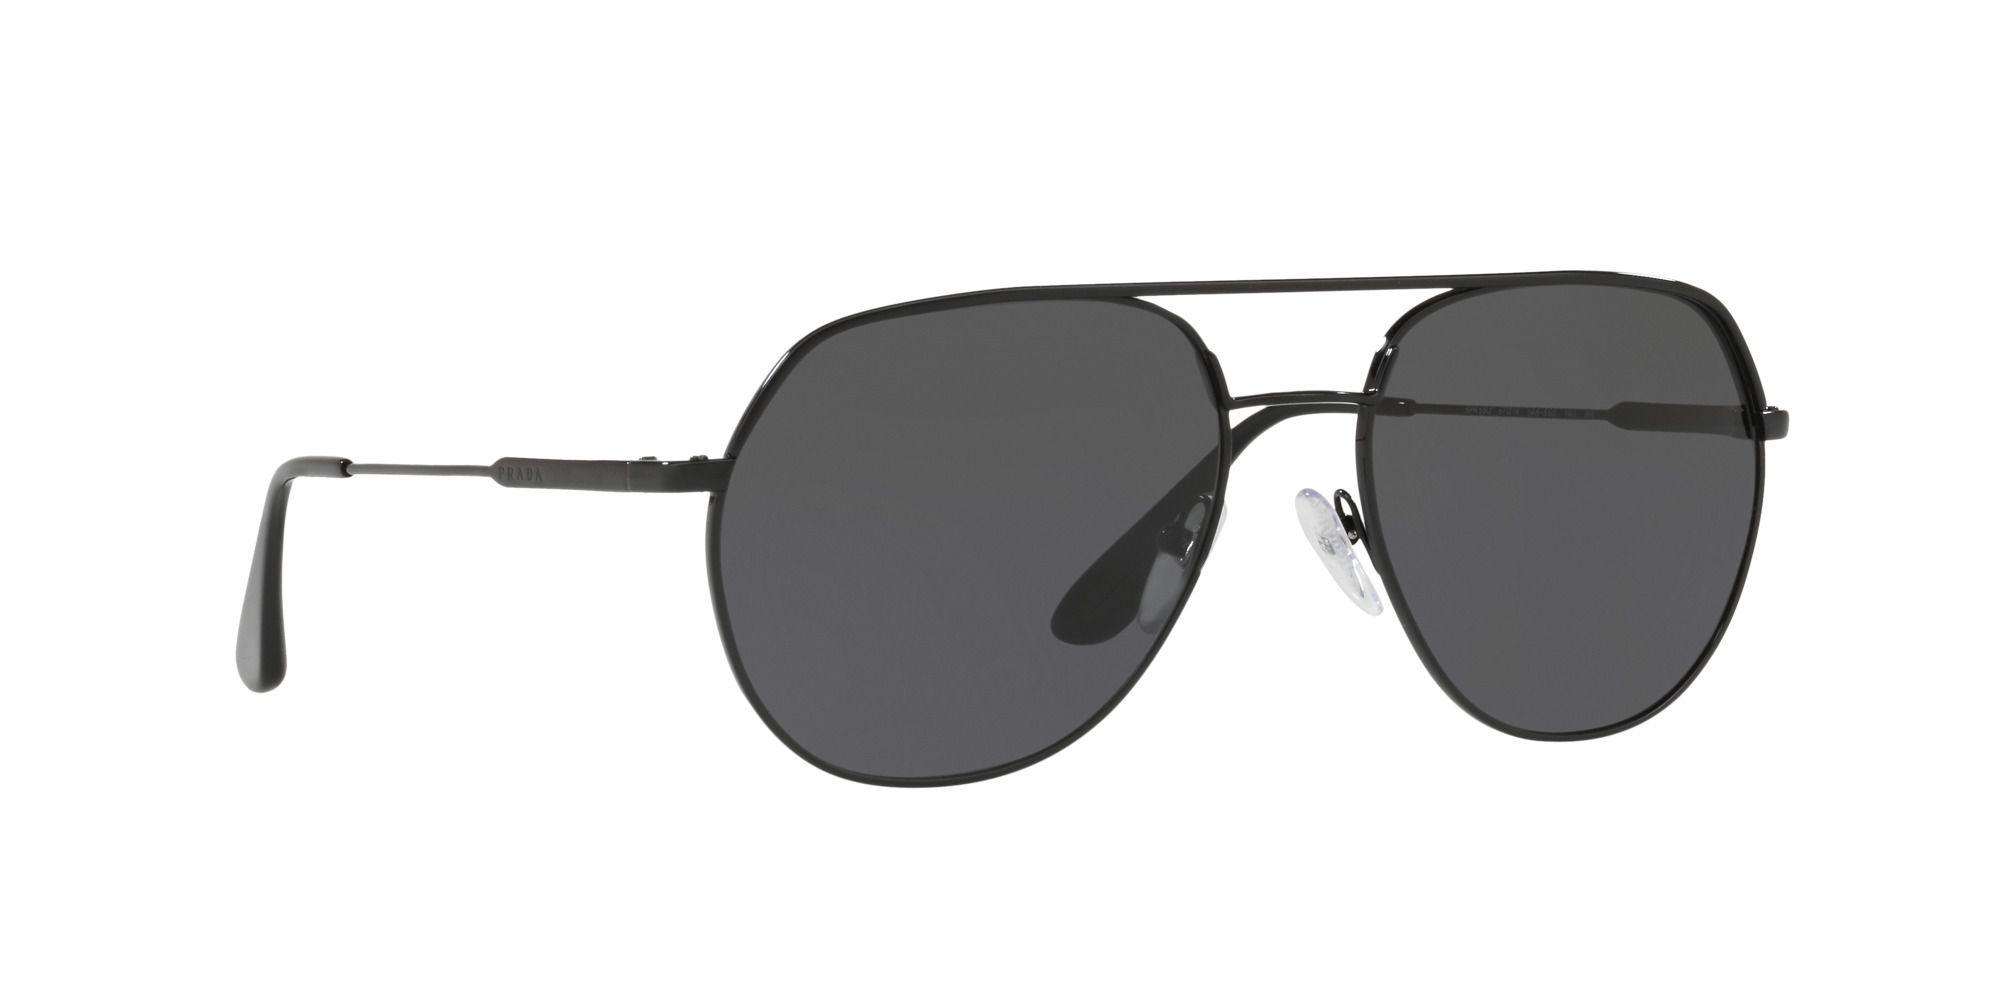 8182d373e2d Prada Black 0pr 55us Irregular Sunglasses in Black for Men - Lyst